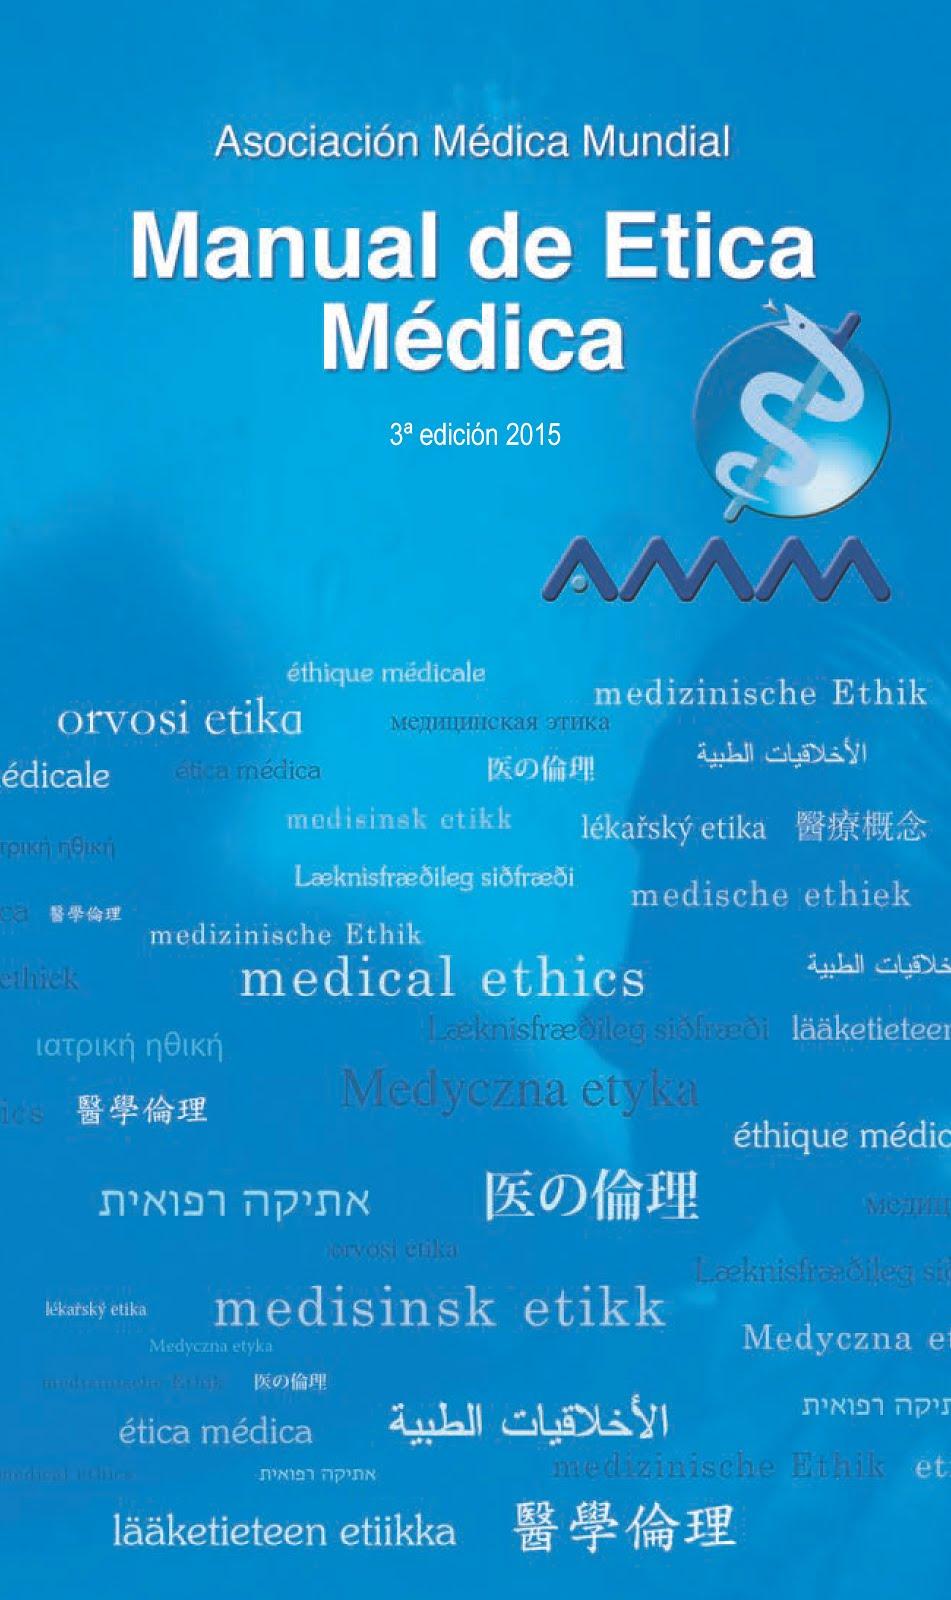 Manual de Ética Médica. Asociación Médica Mundial